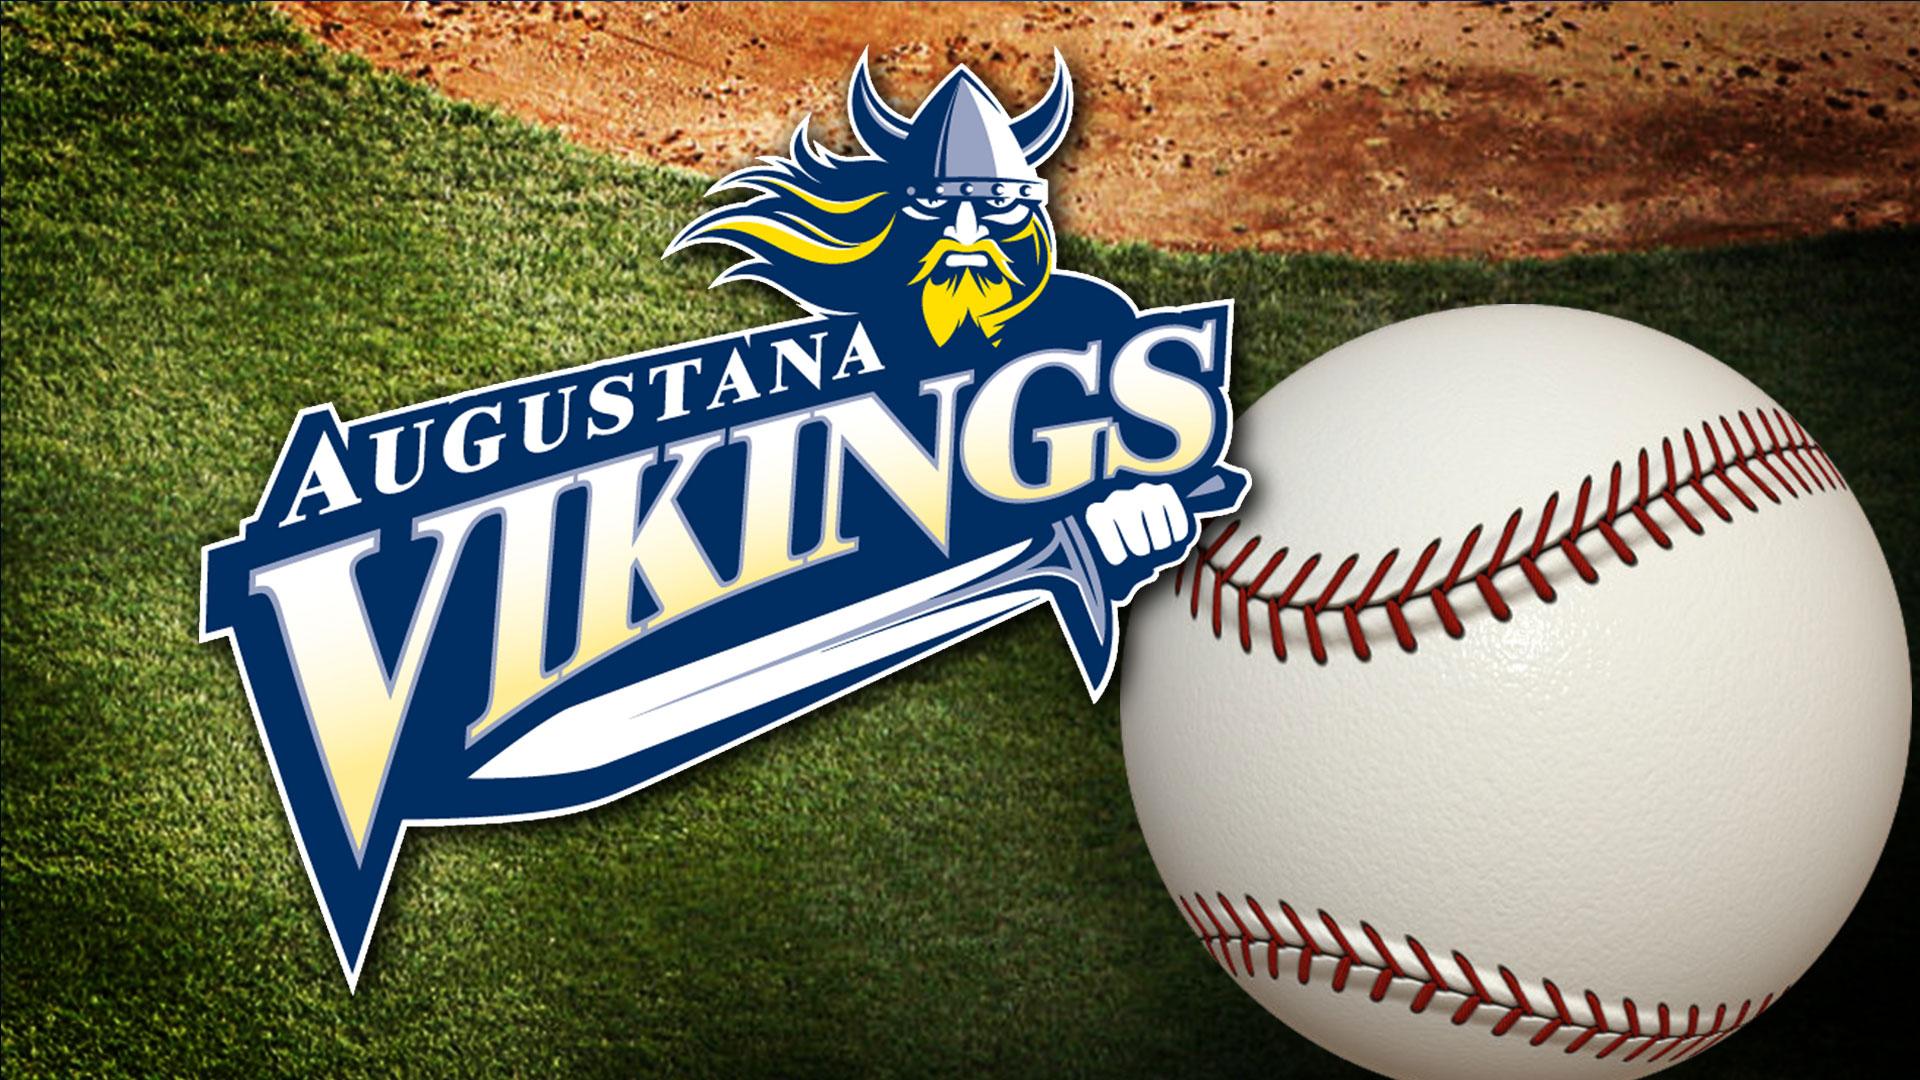 KELO-Augustana-Vikings-baseball-2_1529375673131.jpg